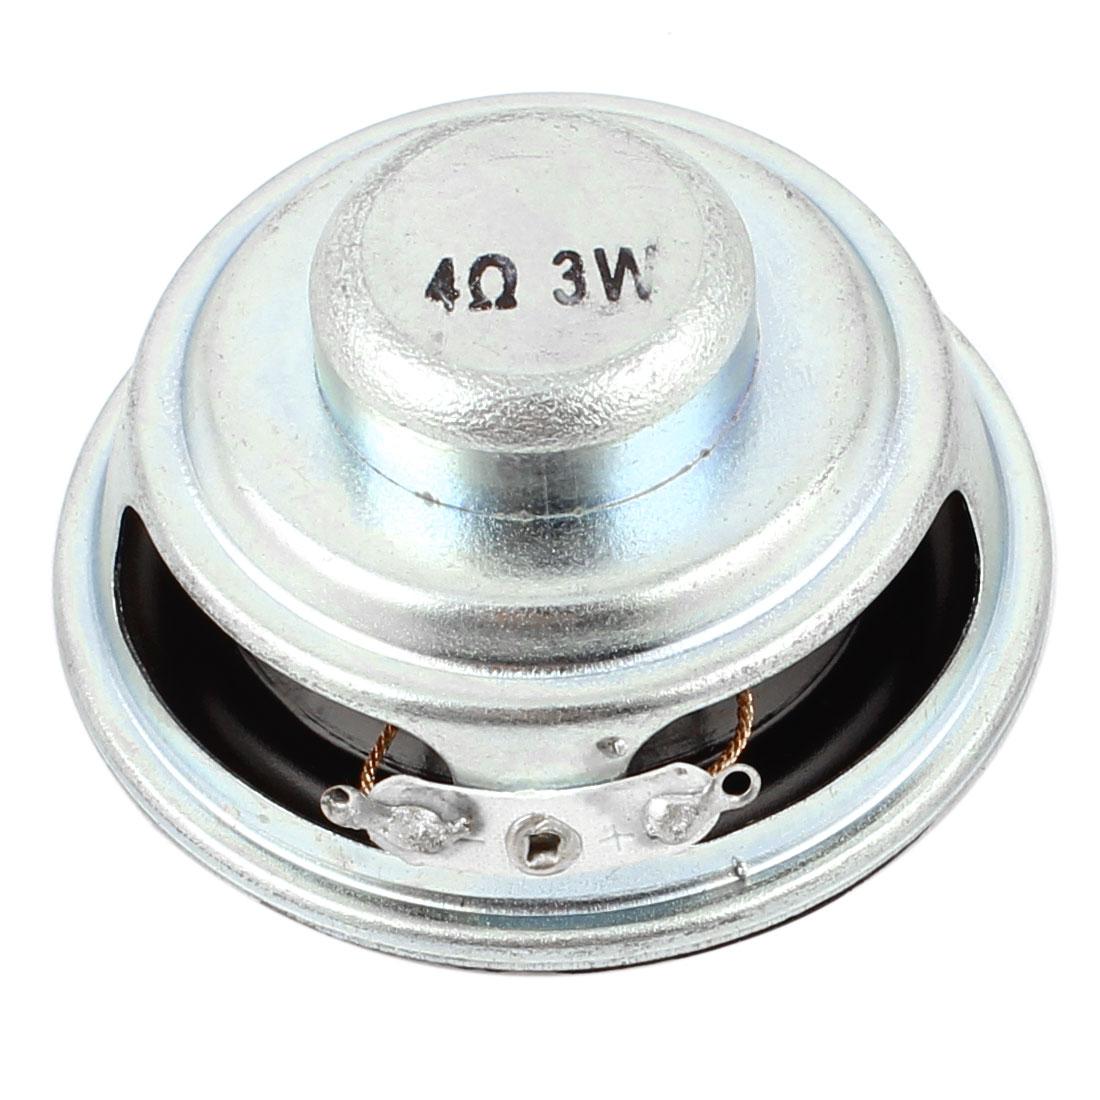 MultimeDiamètre 3W 3 Watt 4 Ohm 5cm Aluminium Diamètre Aimant Interne Speaker - image 2 de 2